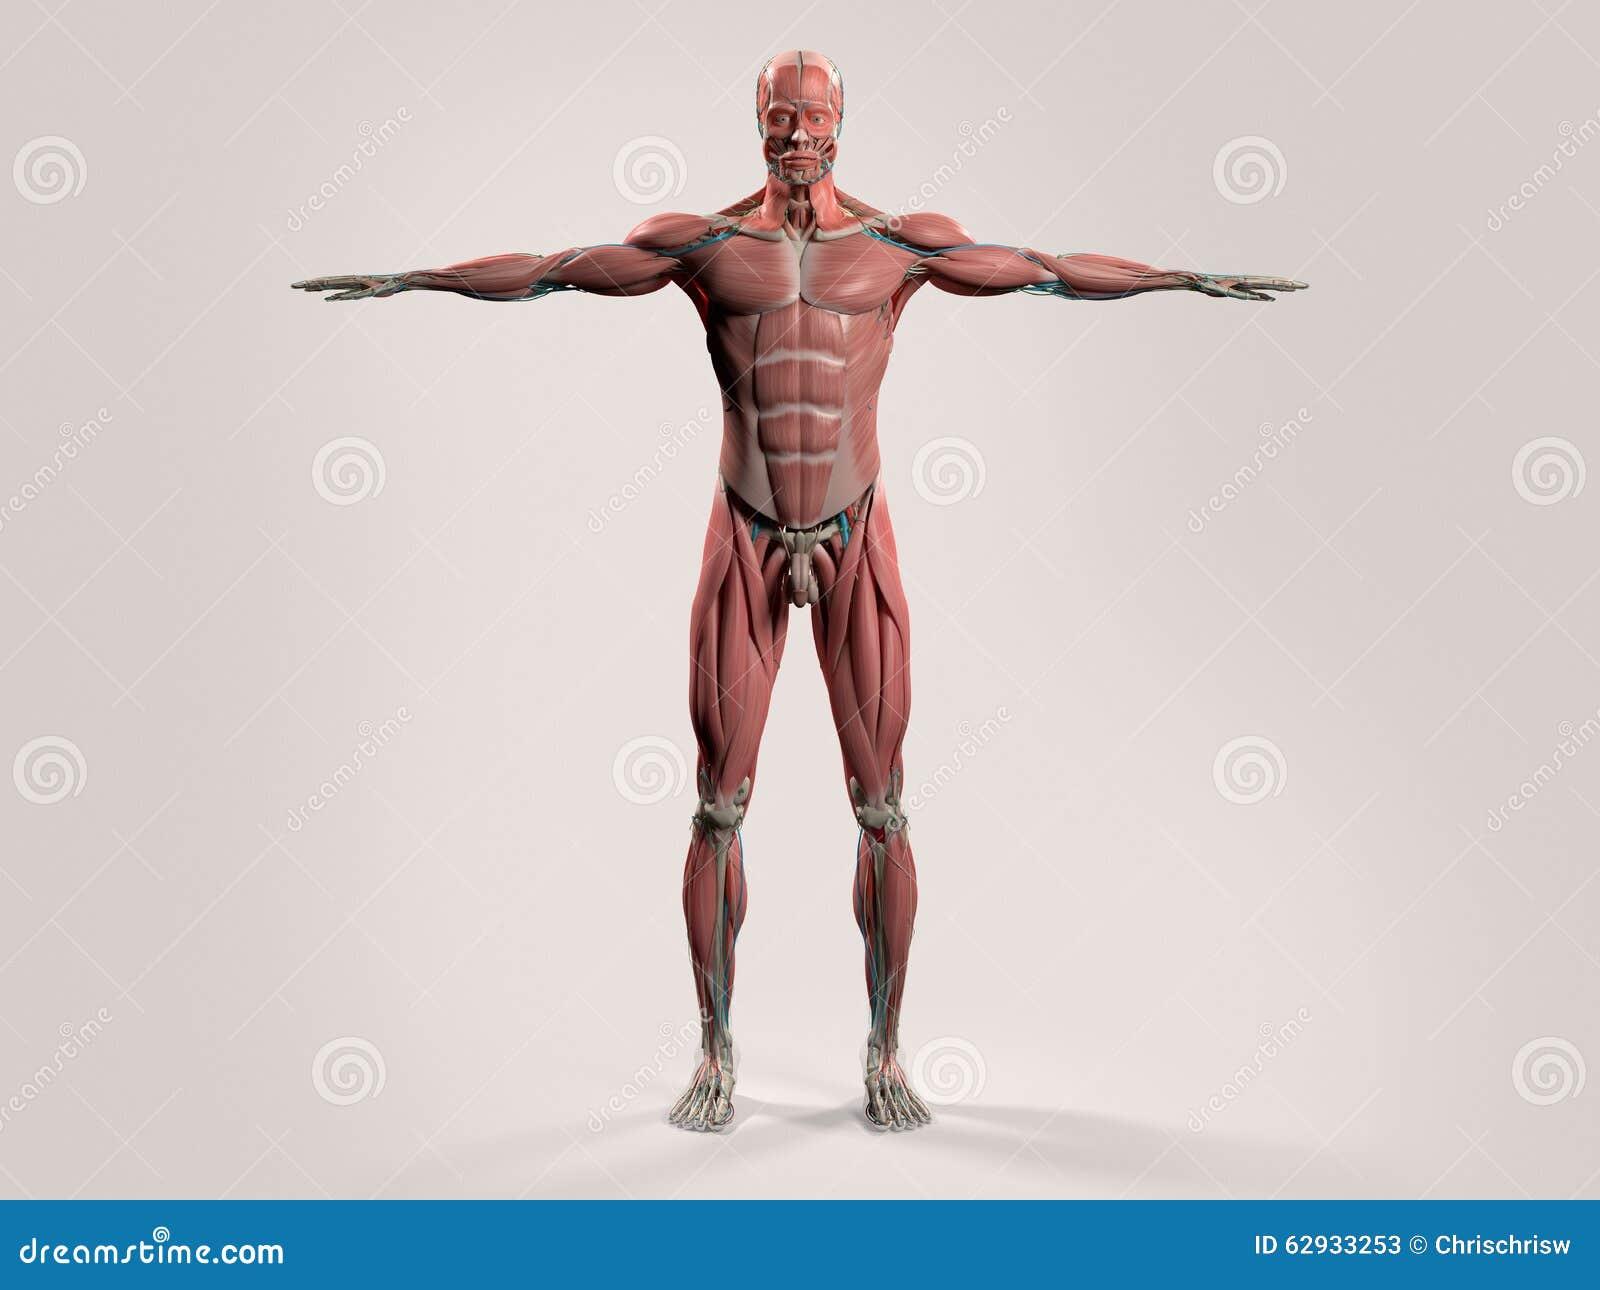 Menschliche Anatomie Mit Vorderansicht Des Vollen Körpers Stockbild ...